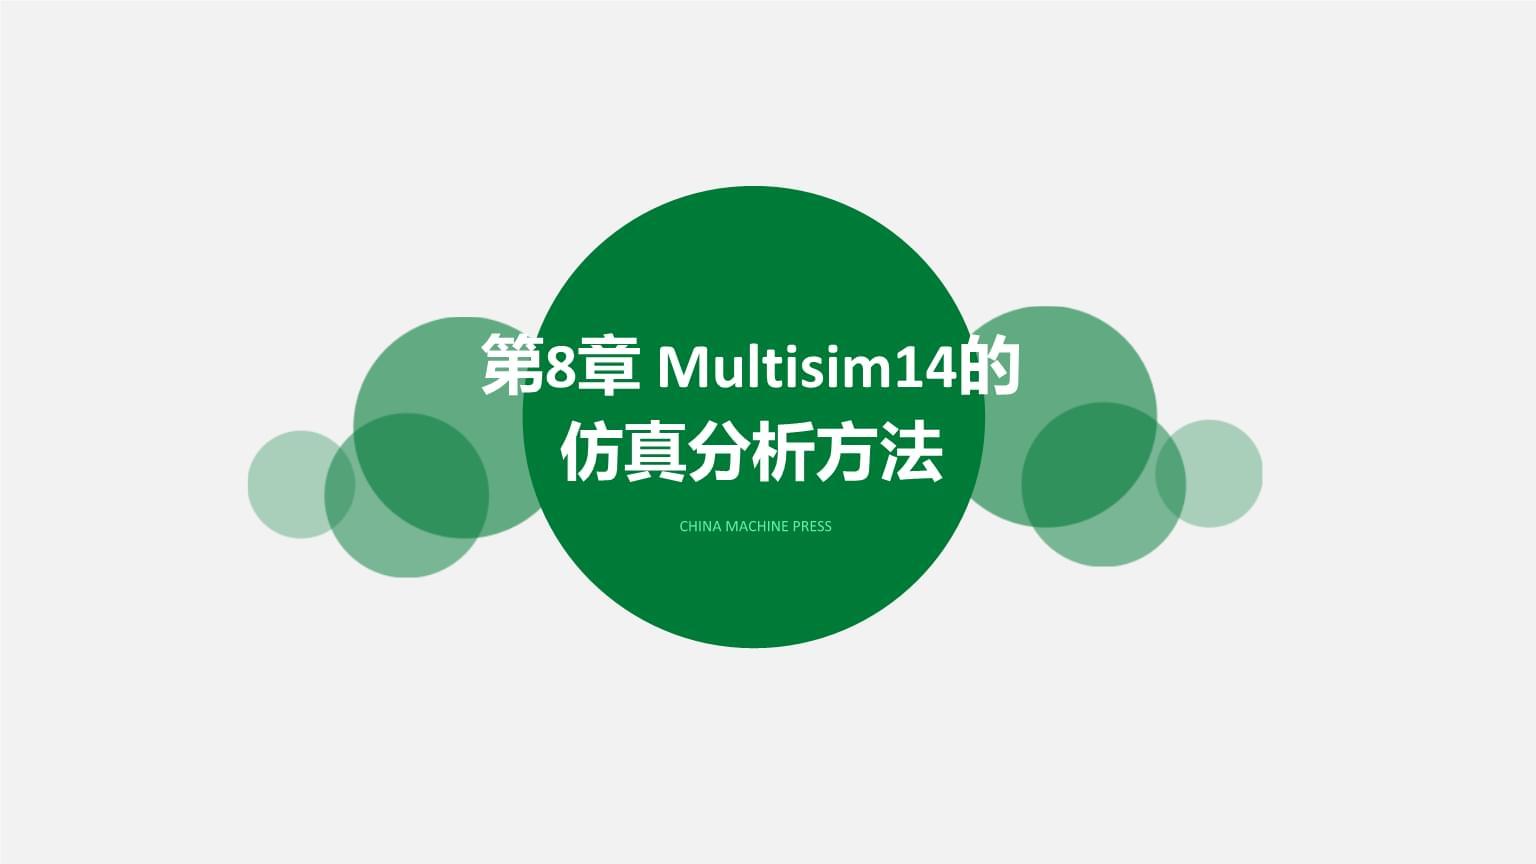 Multisim14电子系统仿真与设计第8章 Multisim14的仿真分析方法.ppt